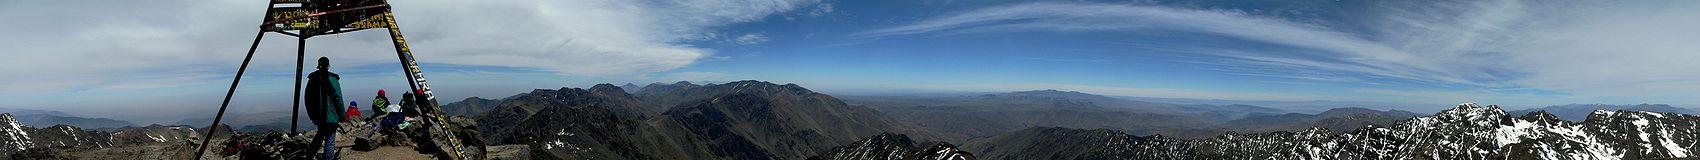 سلسلة جبال الأطلس الكبير التي تضم جبل توبقال، أعلى قمة في العالم العربي وثاني أعلى قمة في أفريقيا